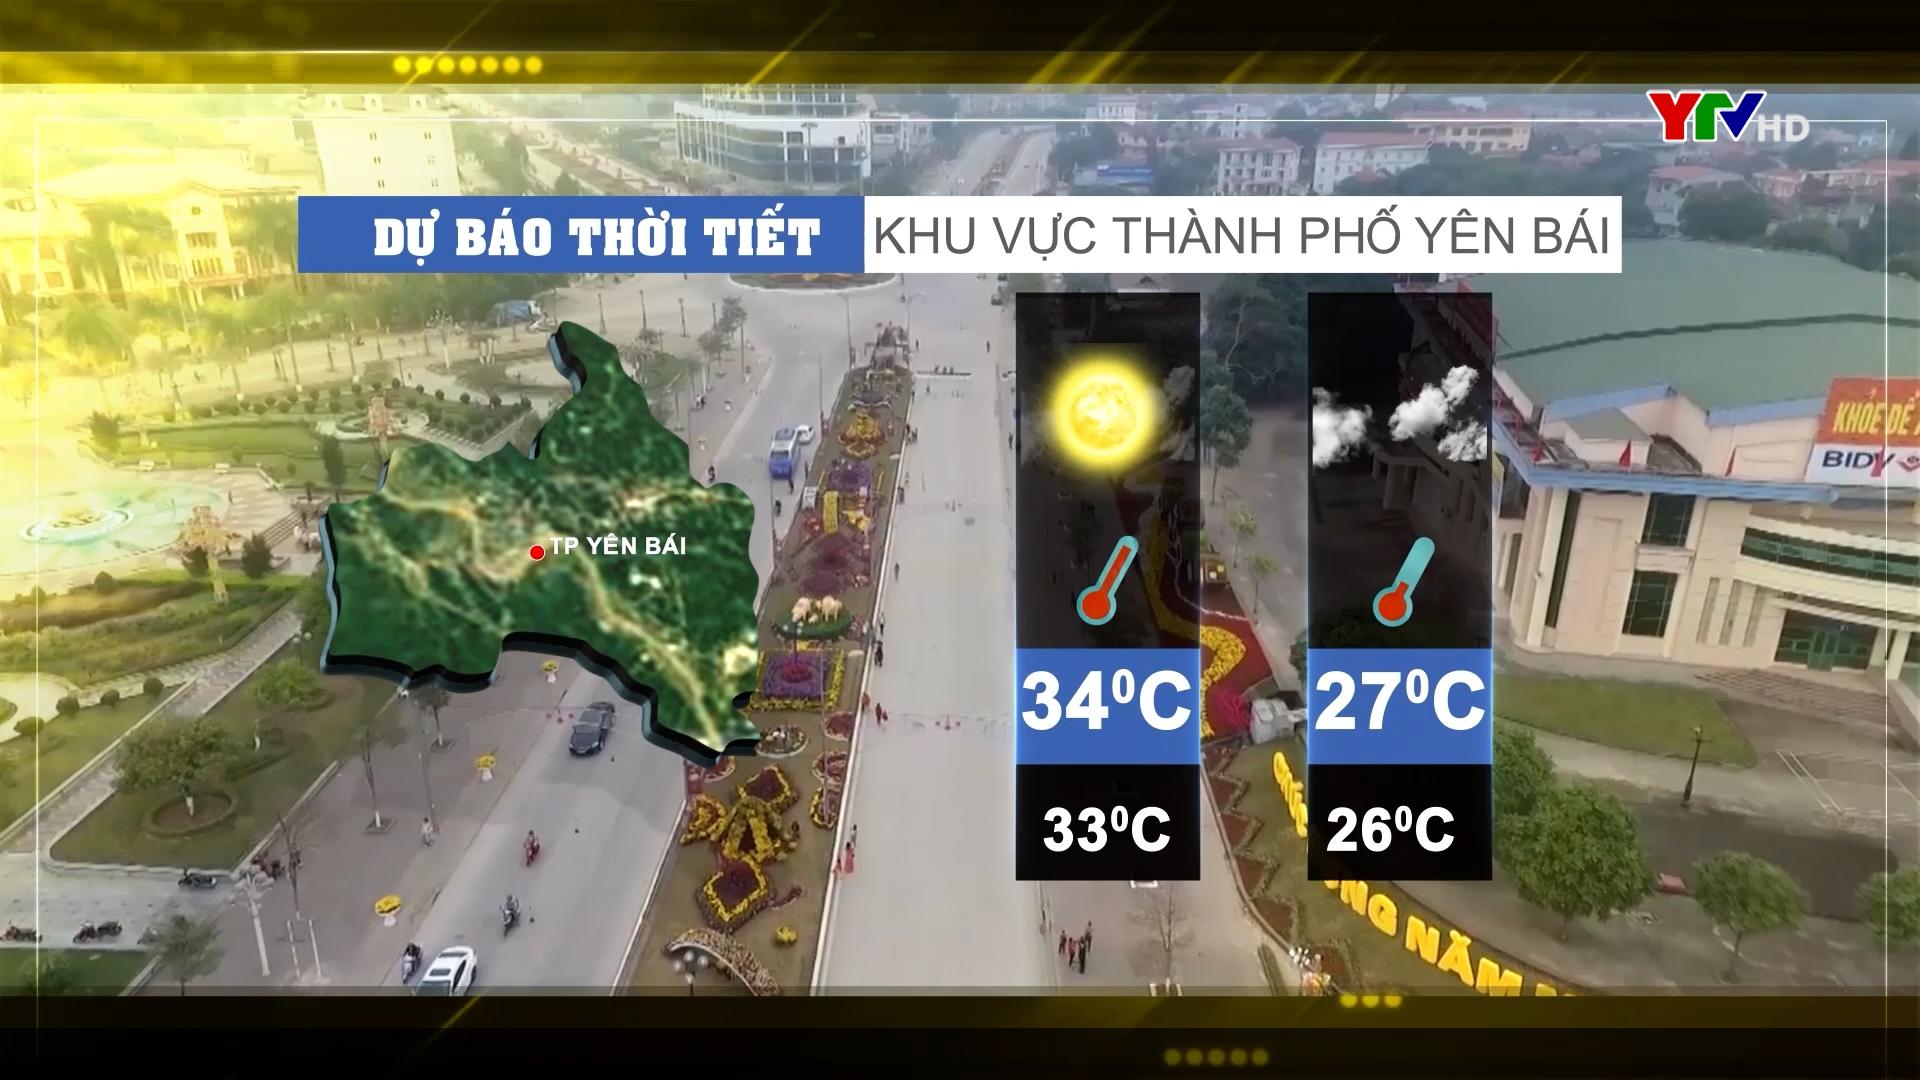 Dự báo thời tiết ngày 15 tháng 5 năm 2021